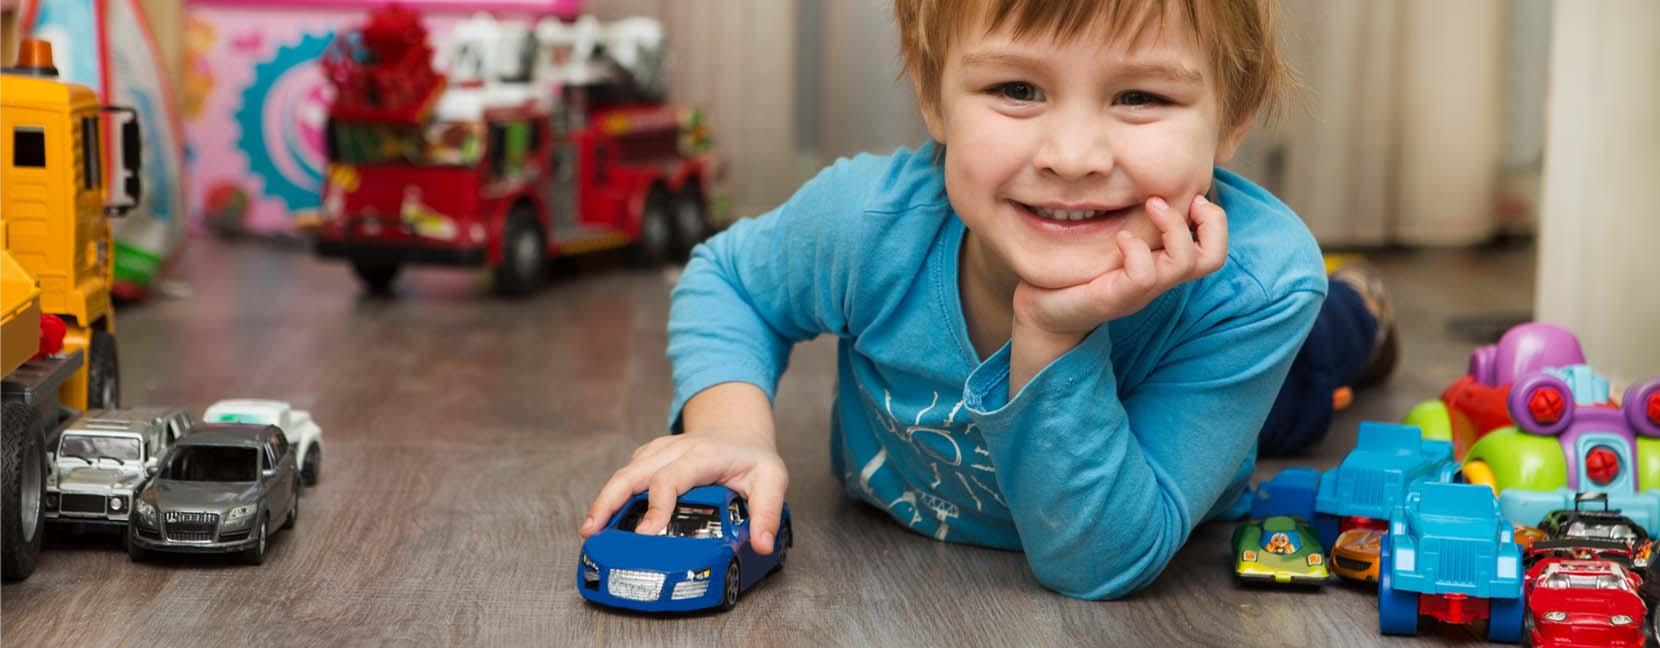 Bambino che gioca con le macchinine, circondato da giochi